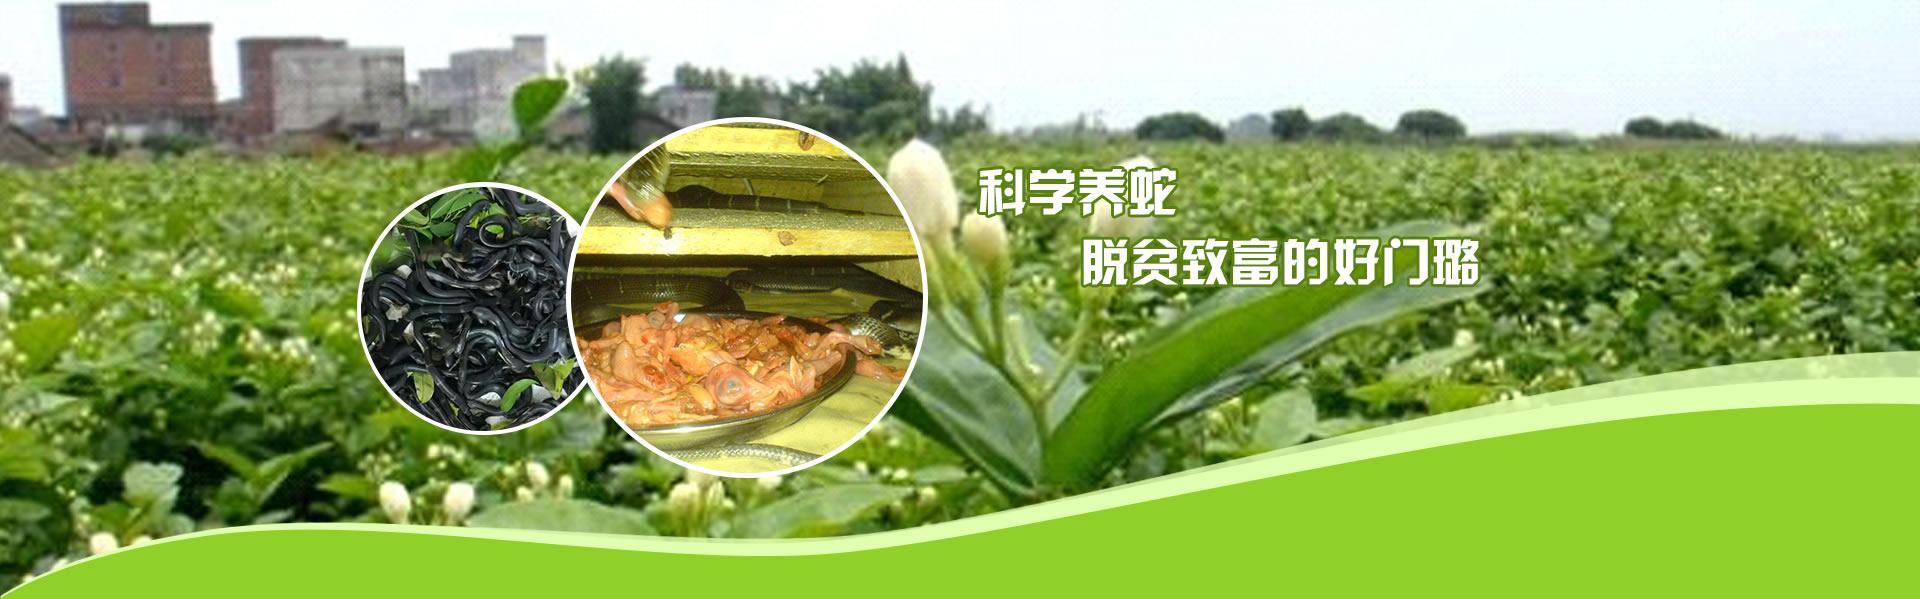 广西养蛇技术培训,广东蛇蛋供应,福建蛇苗供应